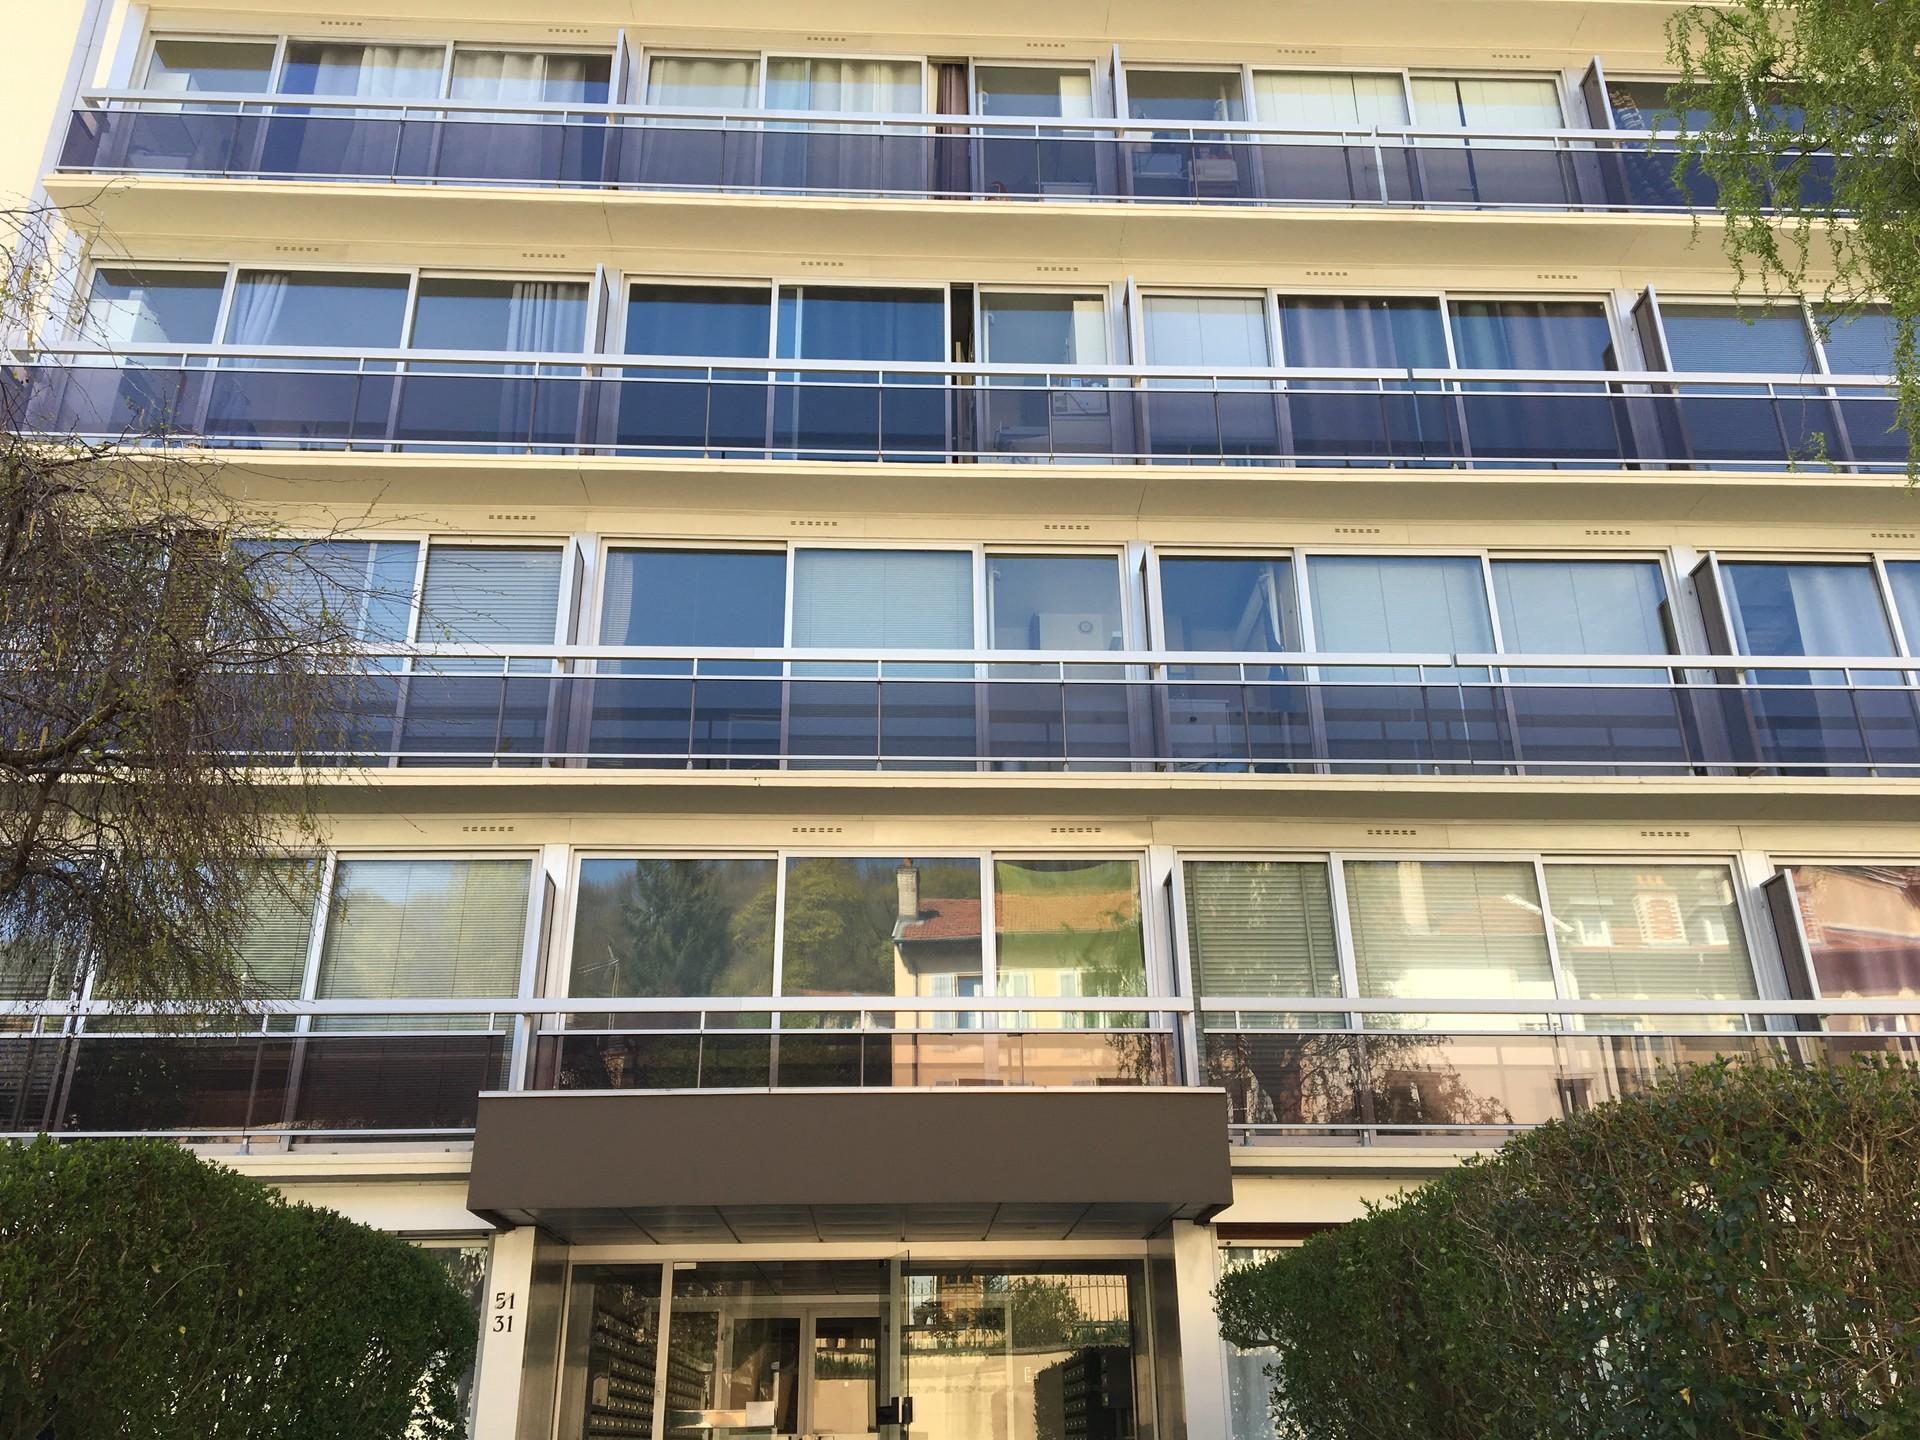 studio-spacieux-jardin-privatif-84260f110e5b135f5c4727eecf929860